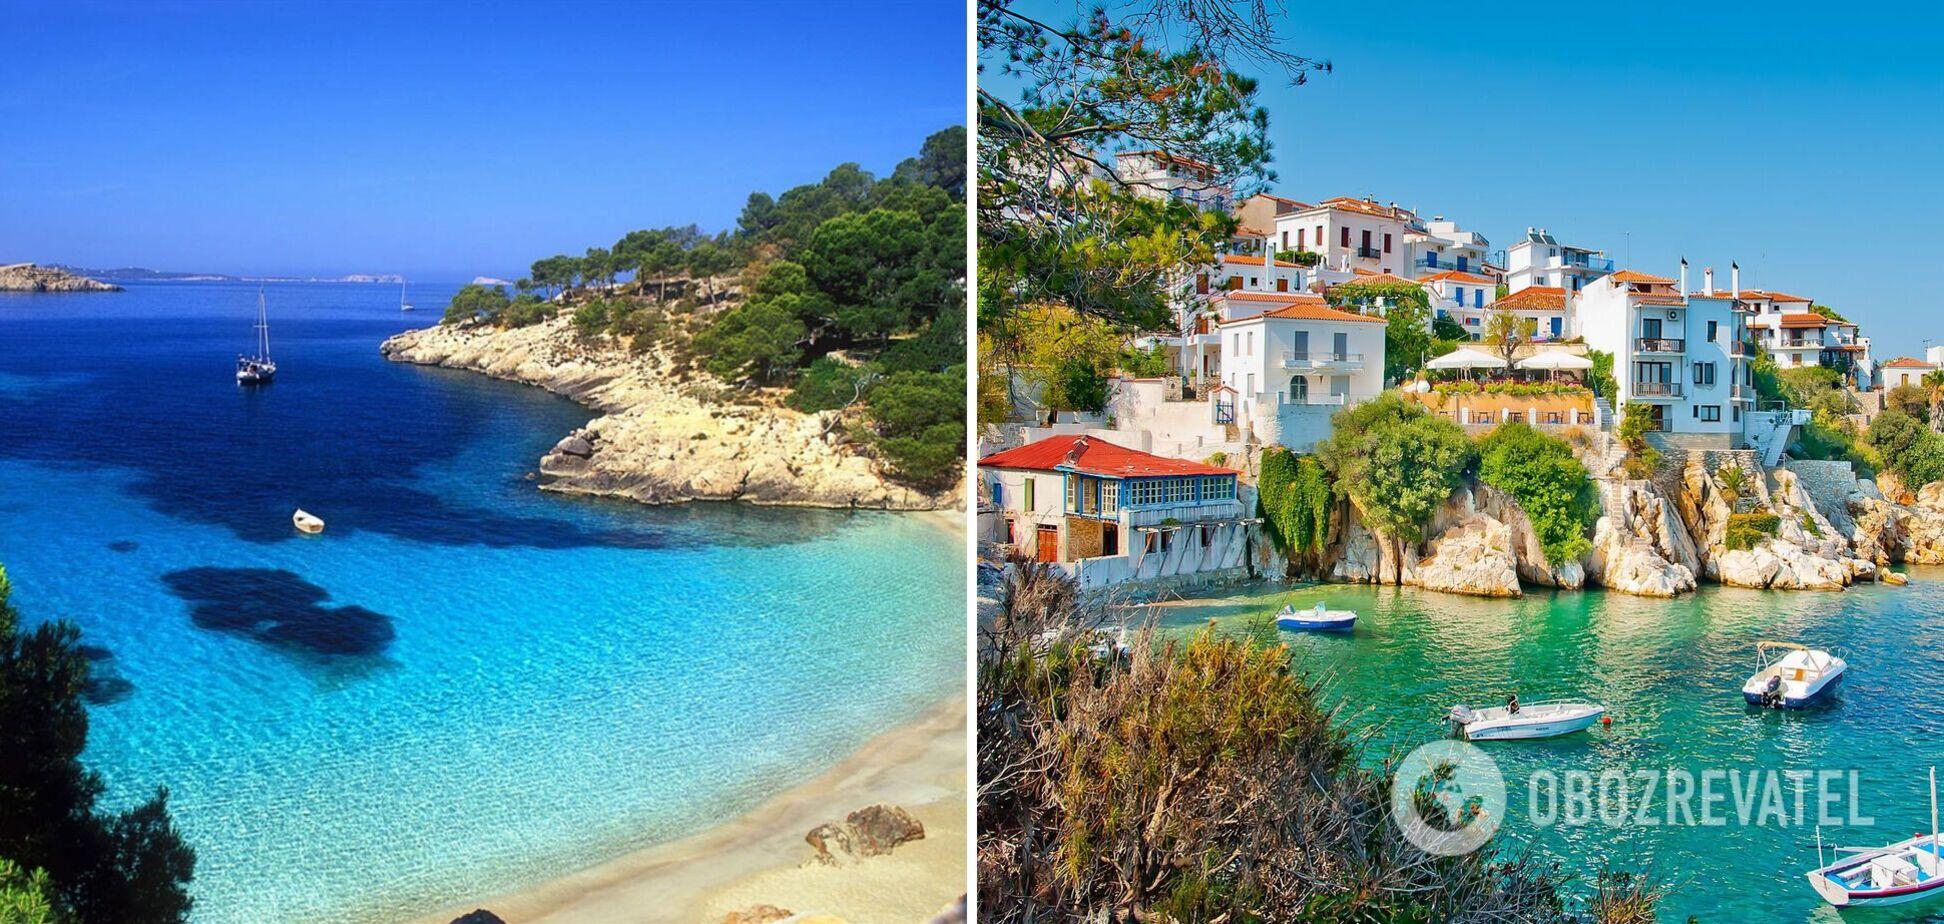 Эксперты назвали топ-5 стран Европы с чистейшими морем